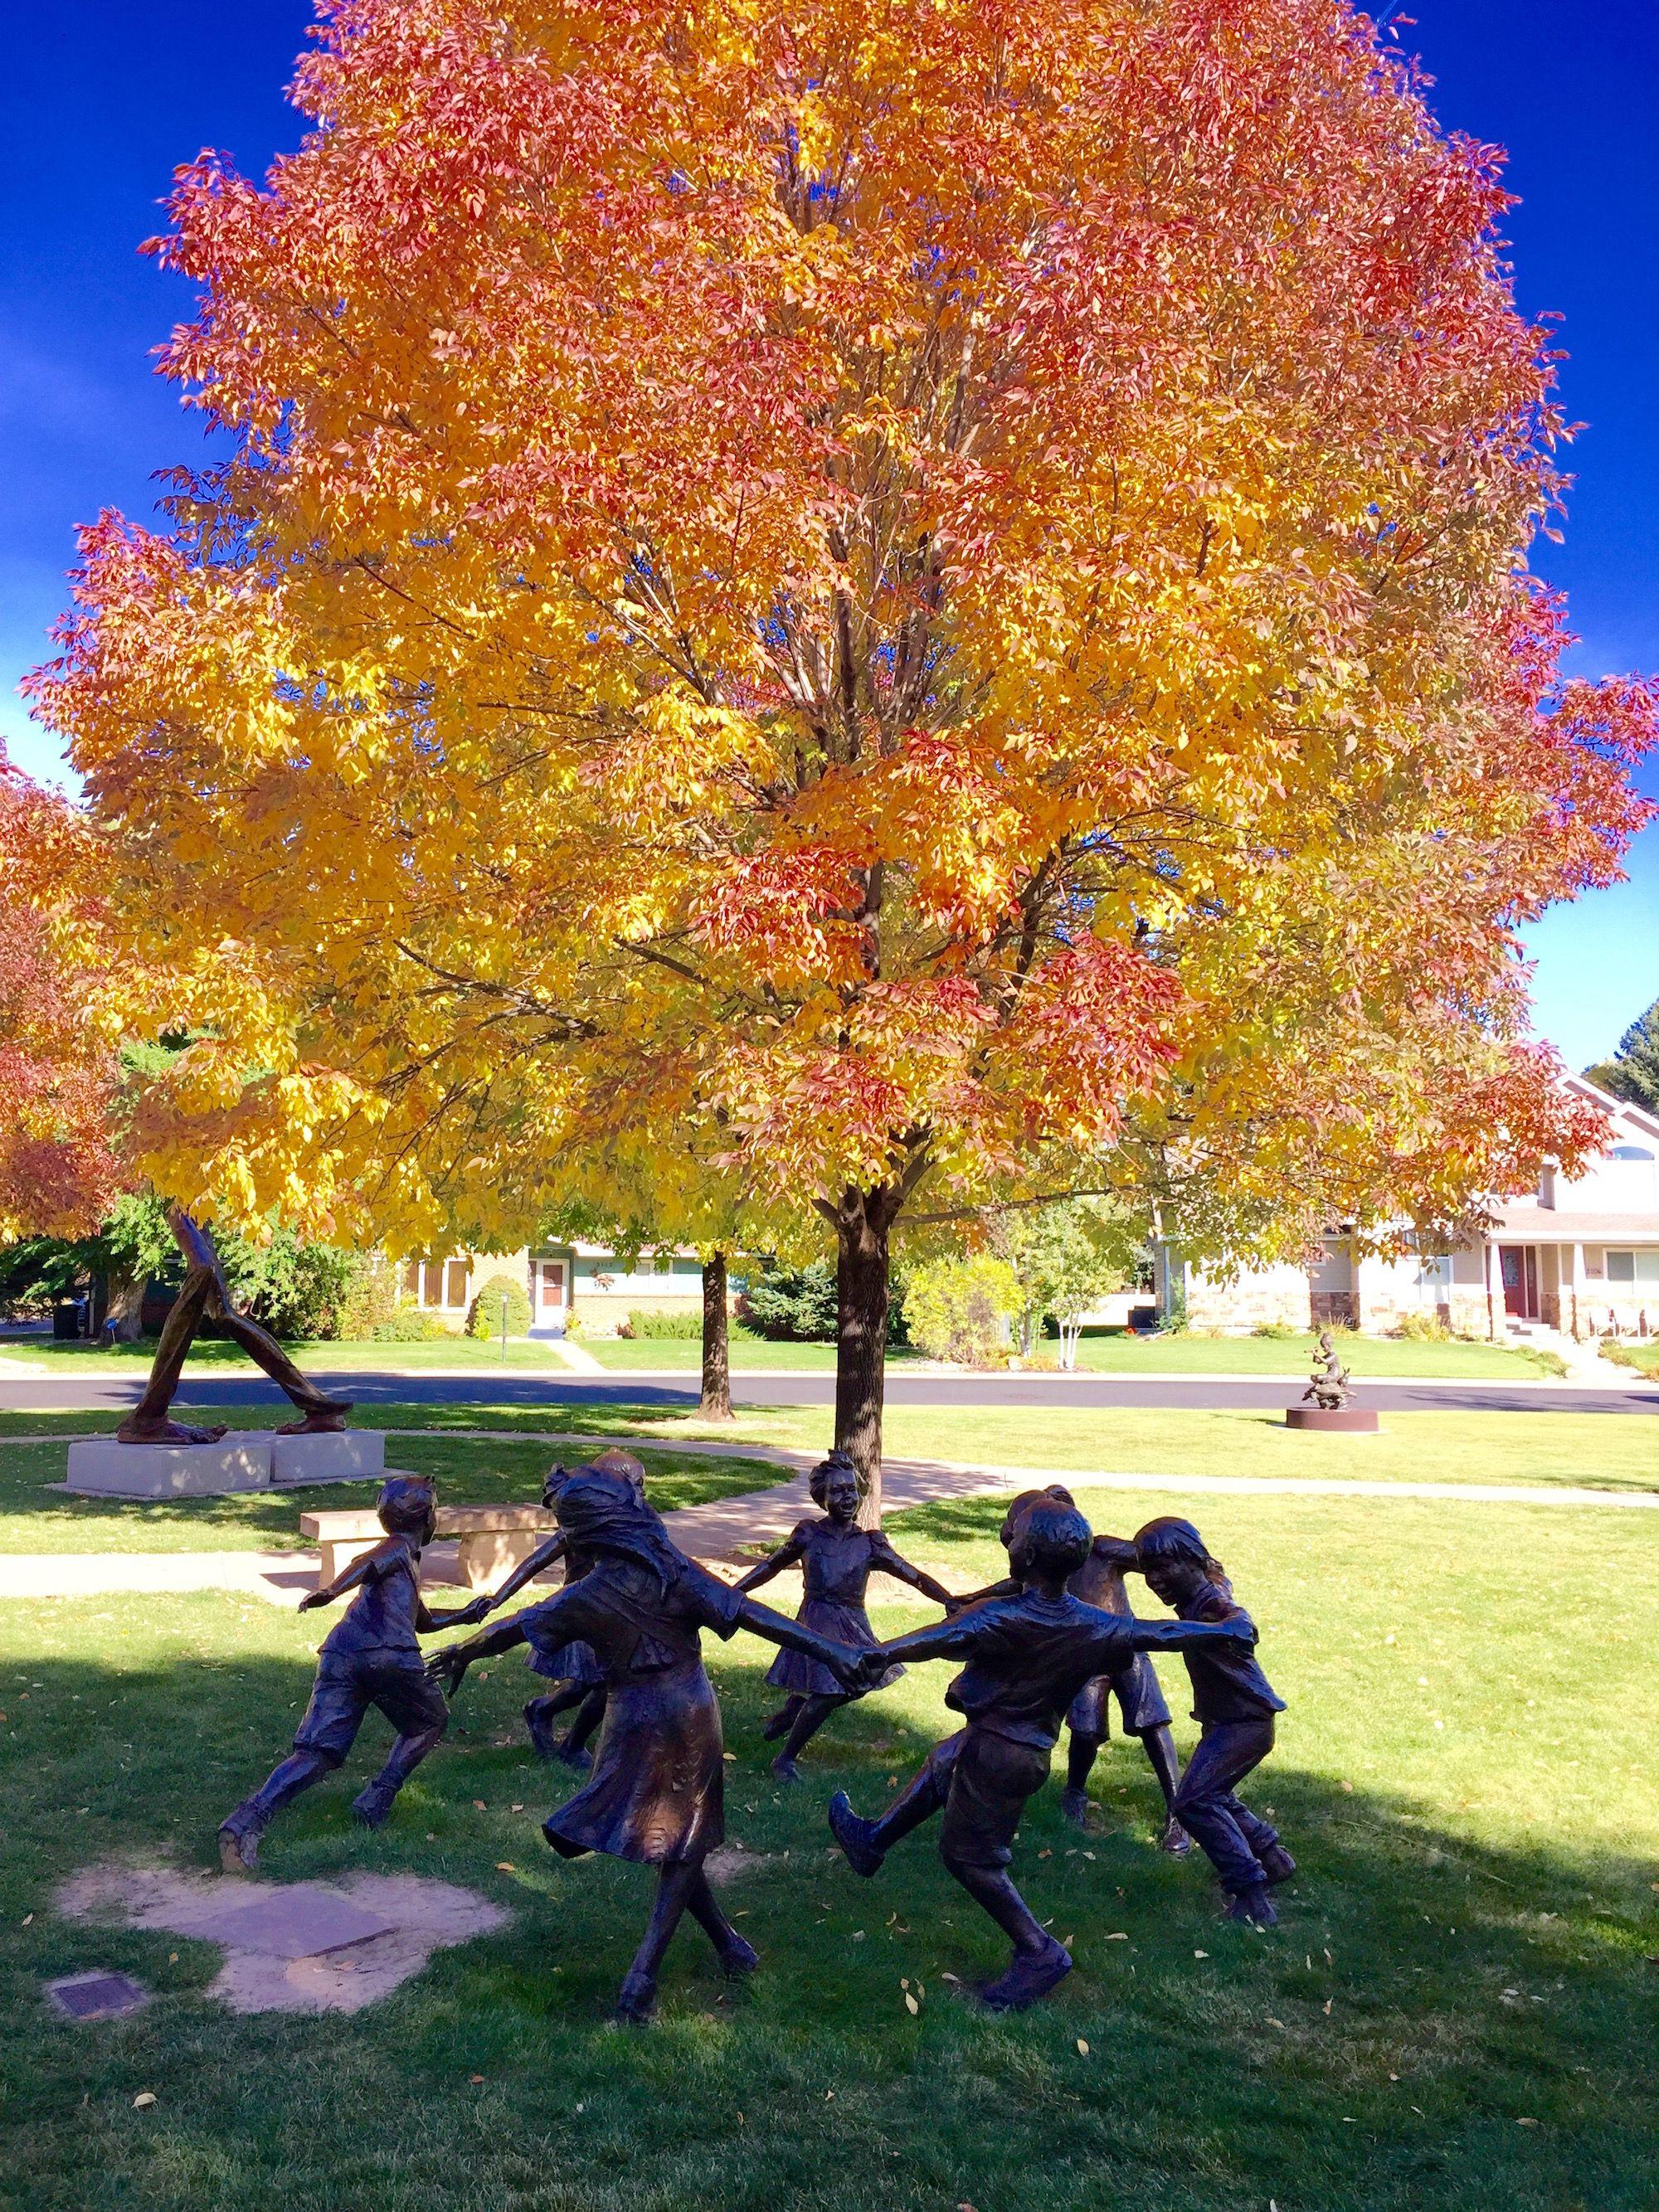 Fall colors at Benson Sculpture Garden Loveland, Fall